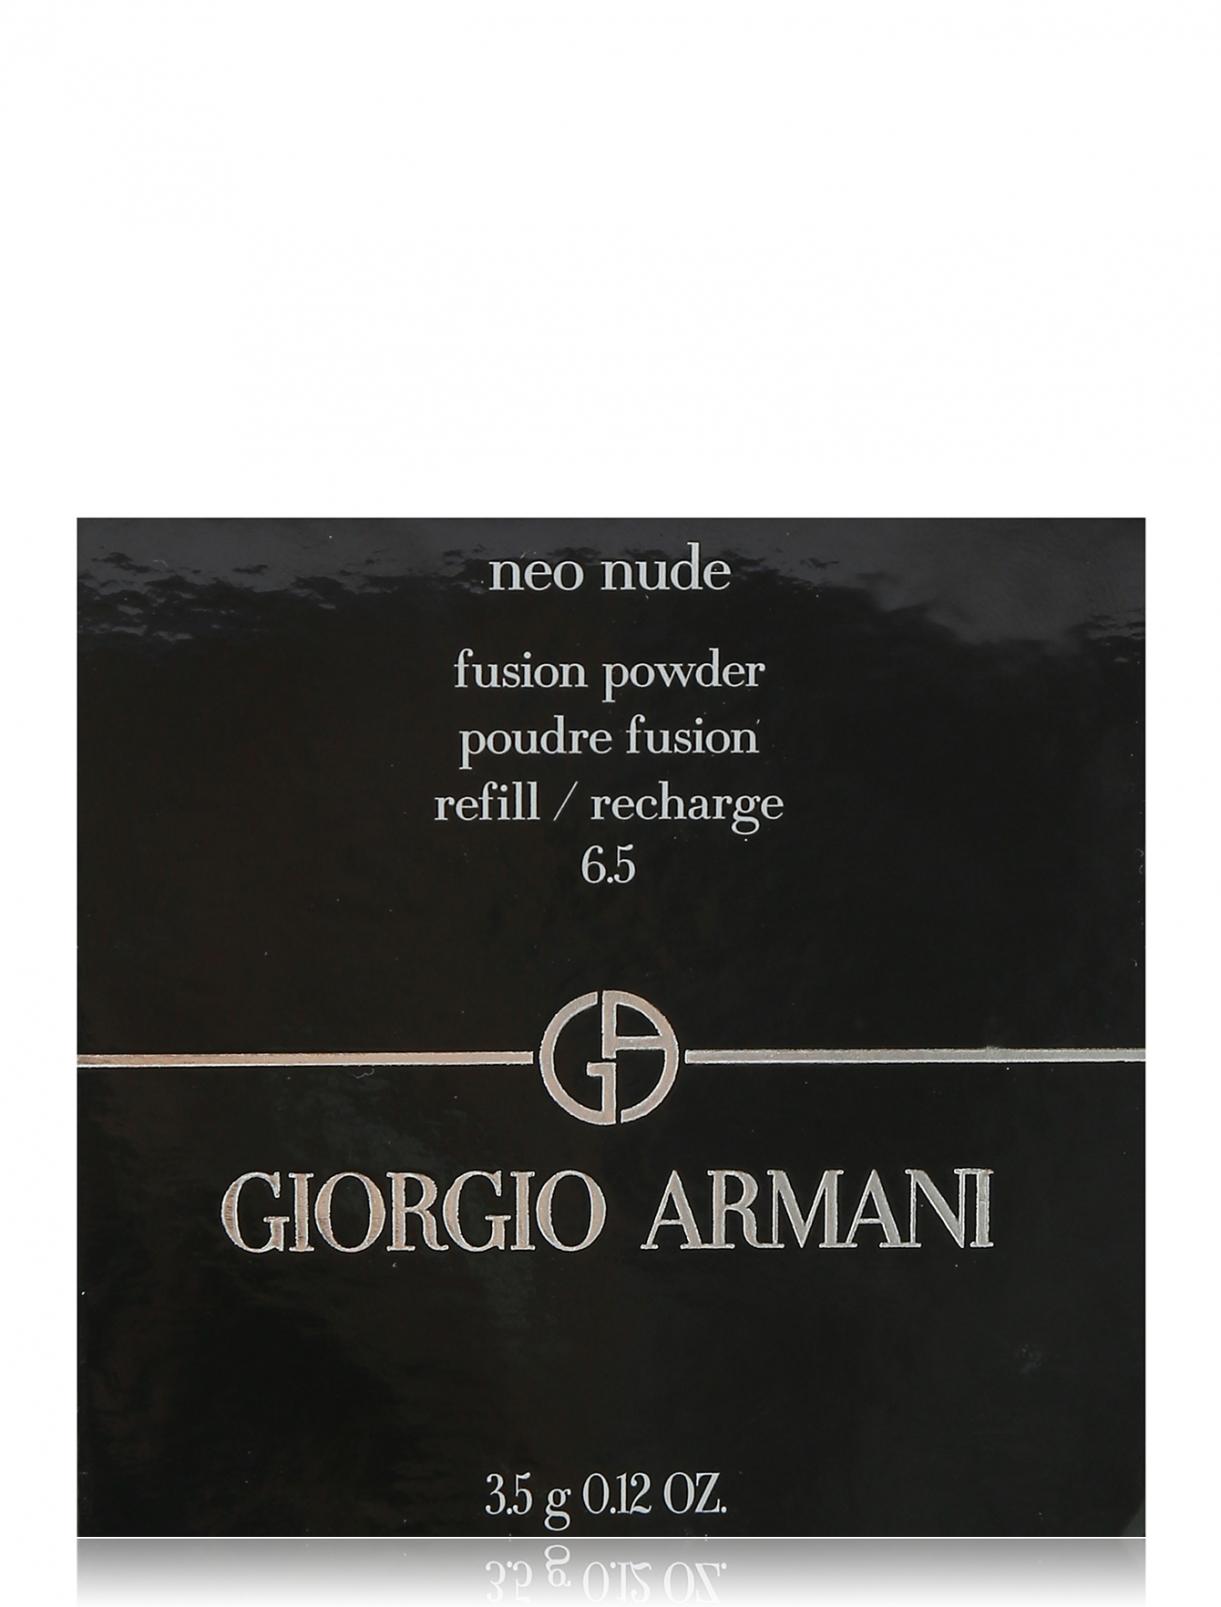 Пудра компактная 6.5 NEO NUDE (рефил) Giorgio Armani  –  Общий вид